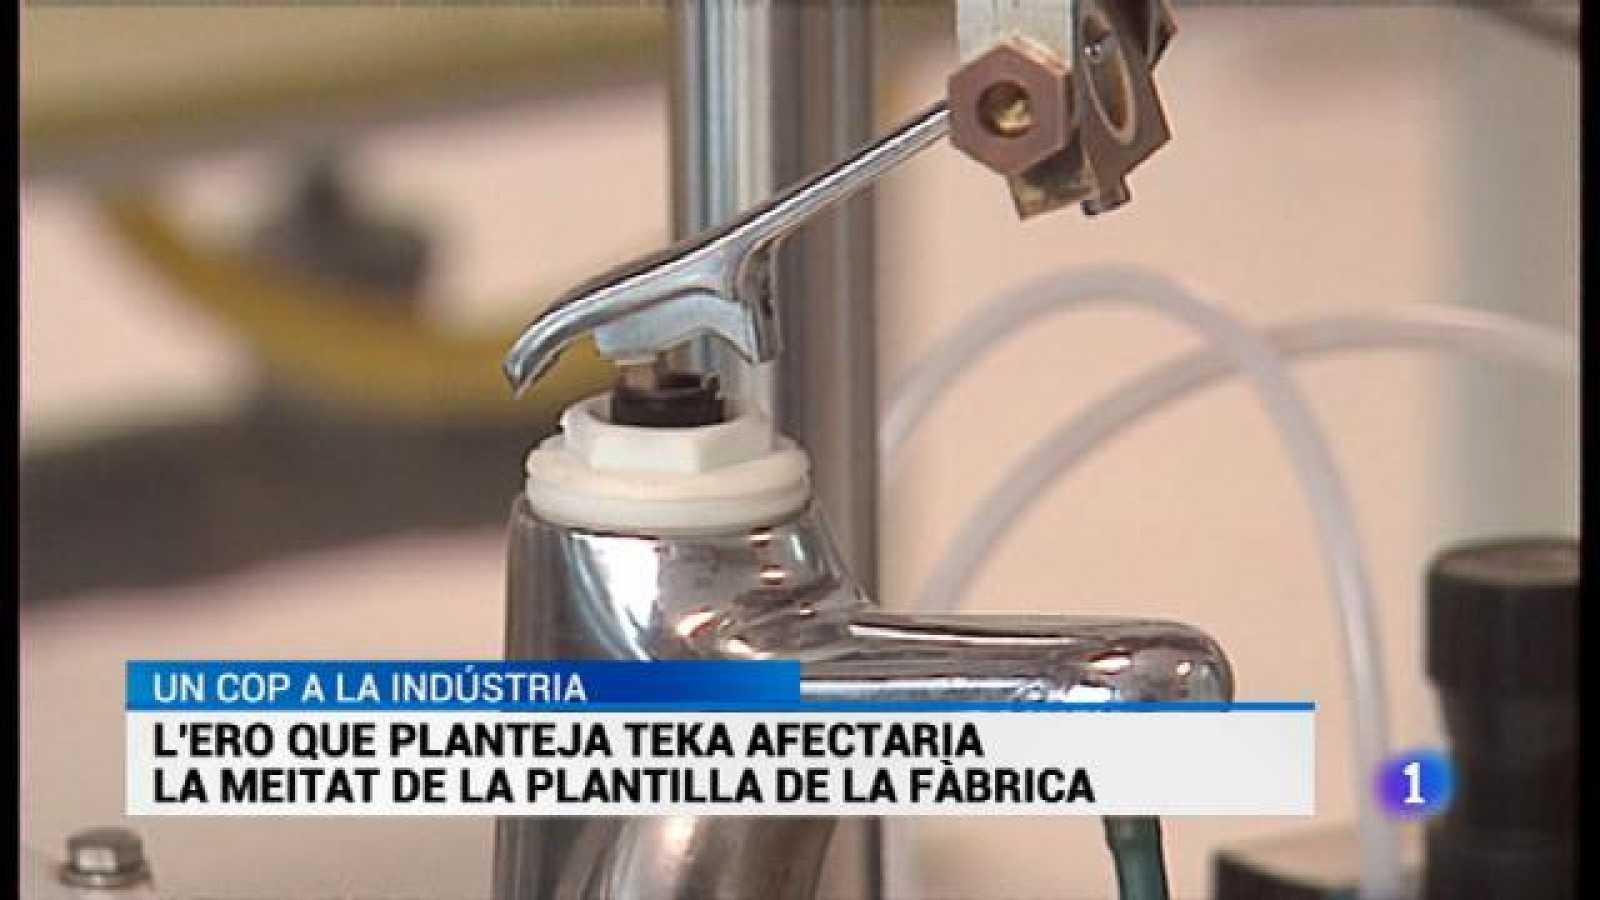 L\'ERO de Teka afectarà la meitat de la plantilla. - RTVE.es